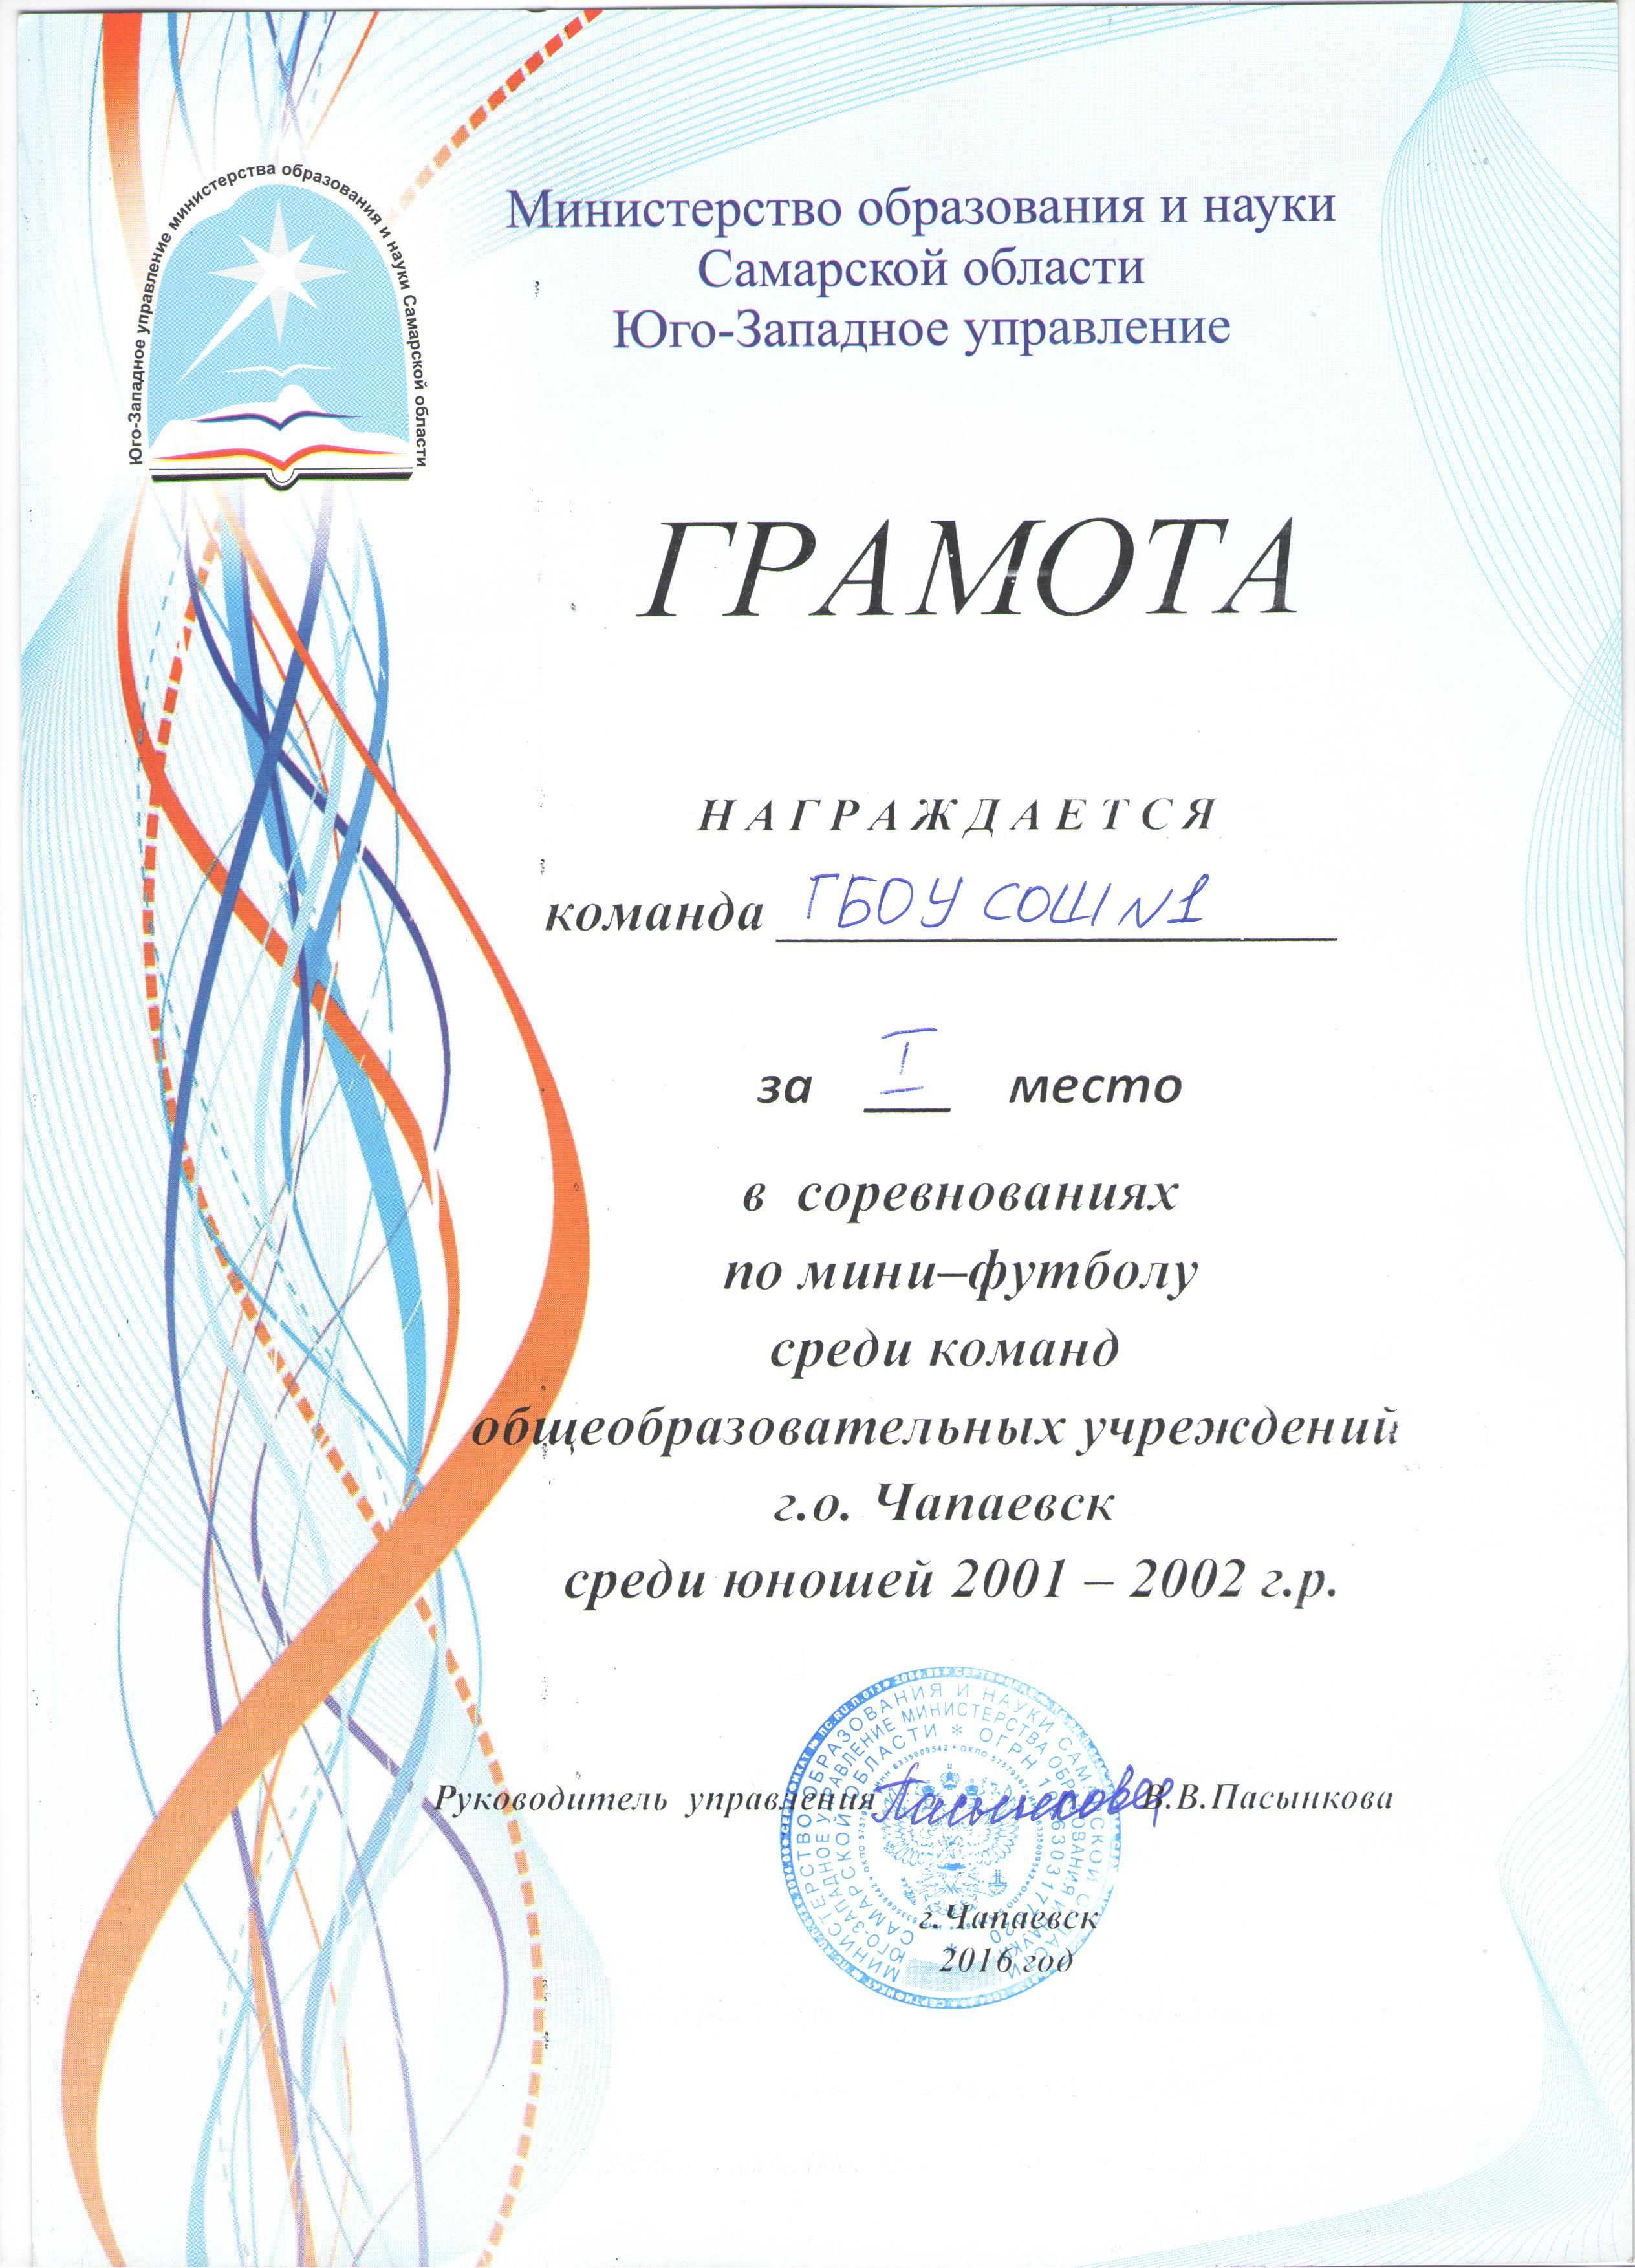 diplomy-002